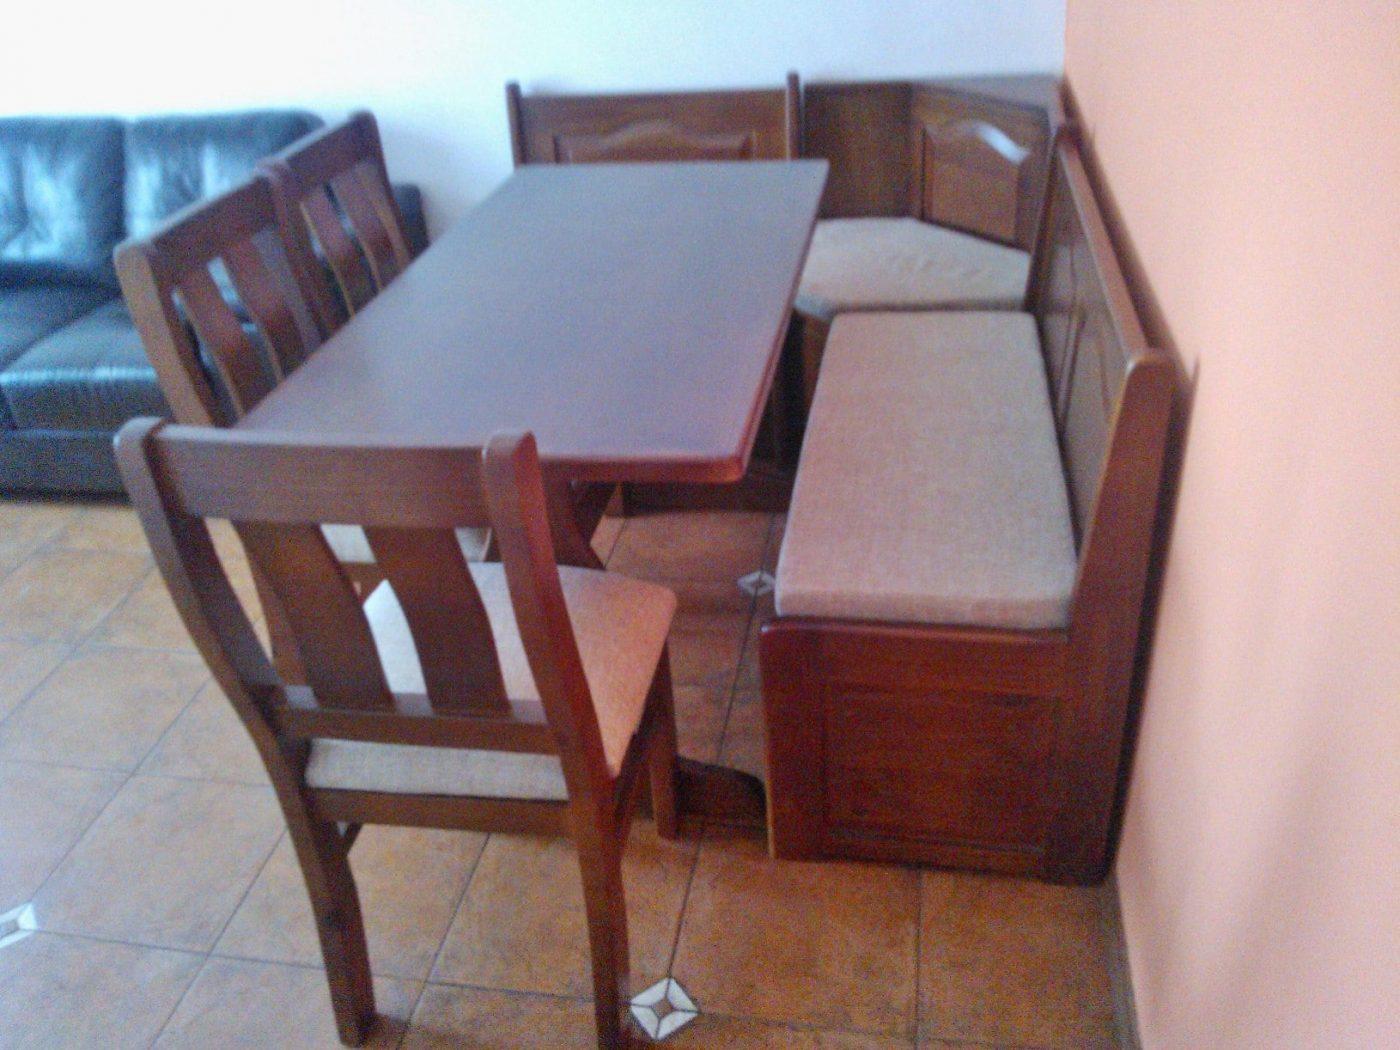 Juego de Comedor Esquinero con 3 sillas - Ombú Muebles Uruguay